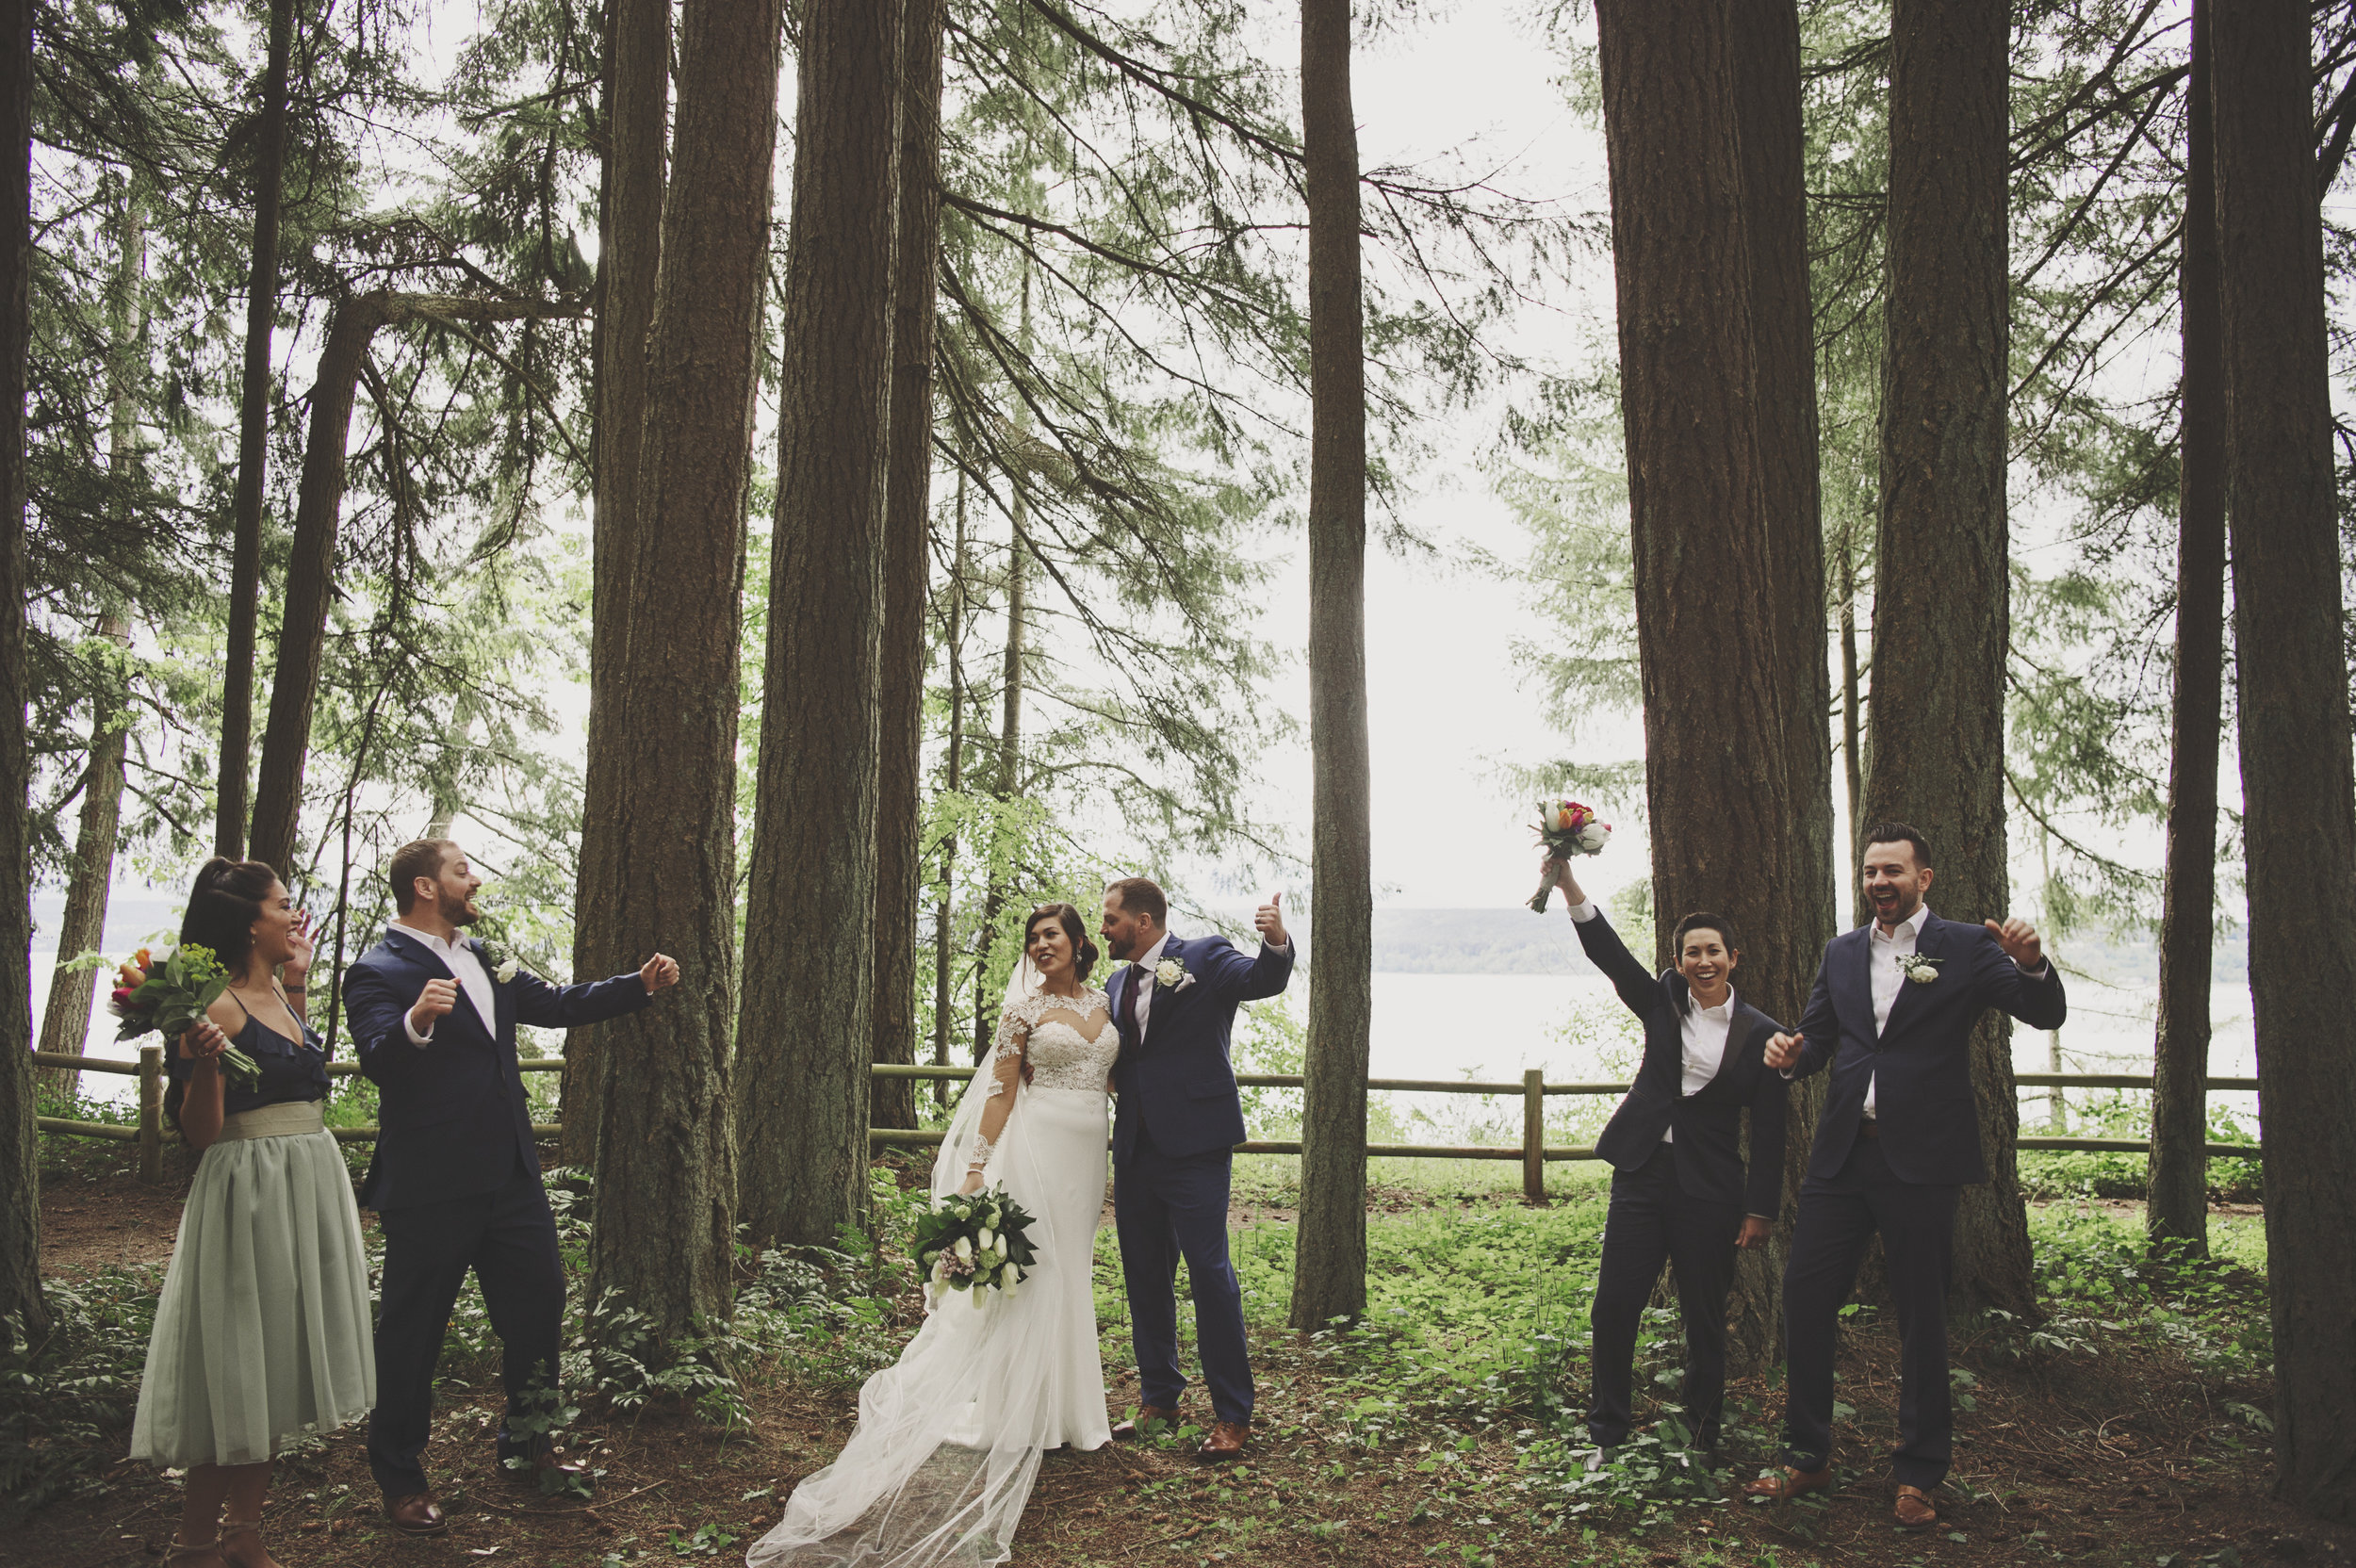 Kim La Plante + Nick Samet_Poulsbo Wedding_Kitsap Memorial Park Wedding_Kelsey Lane Photography-9589 copy.jpg